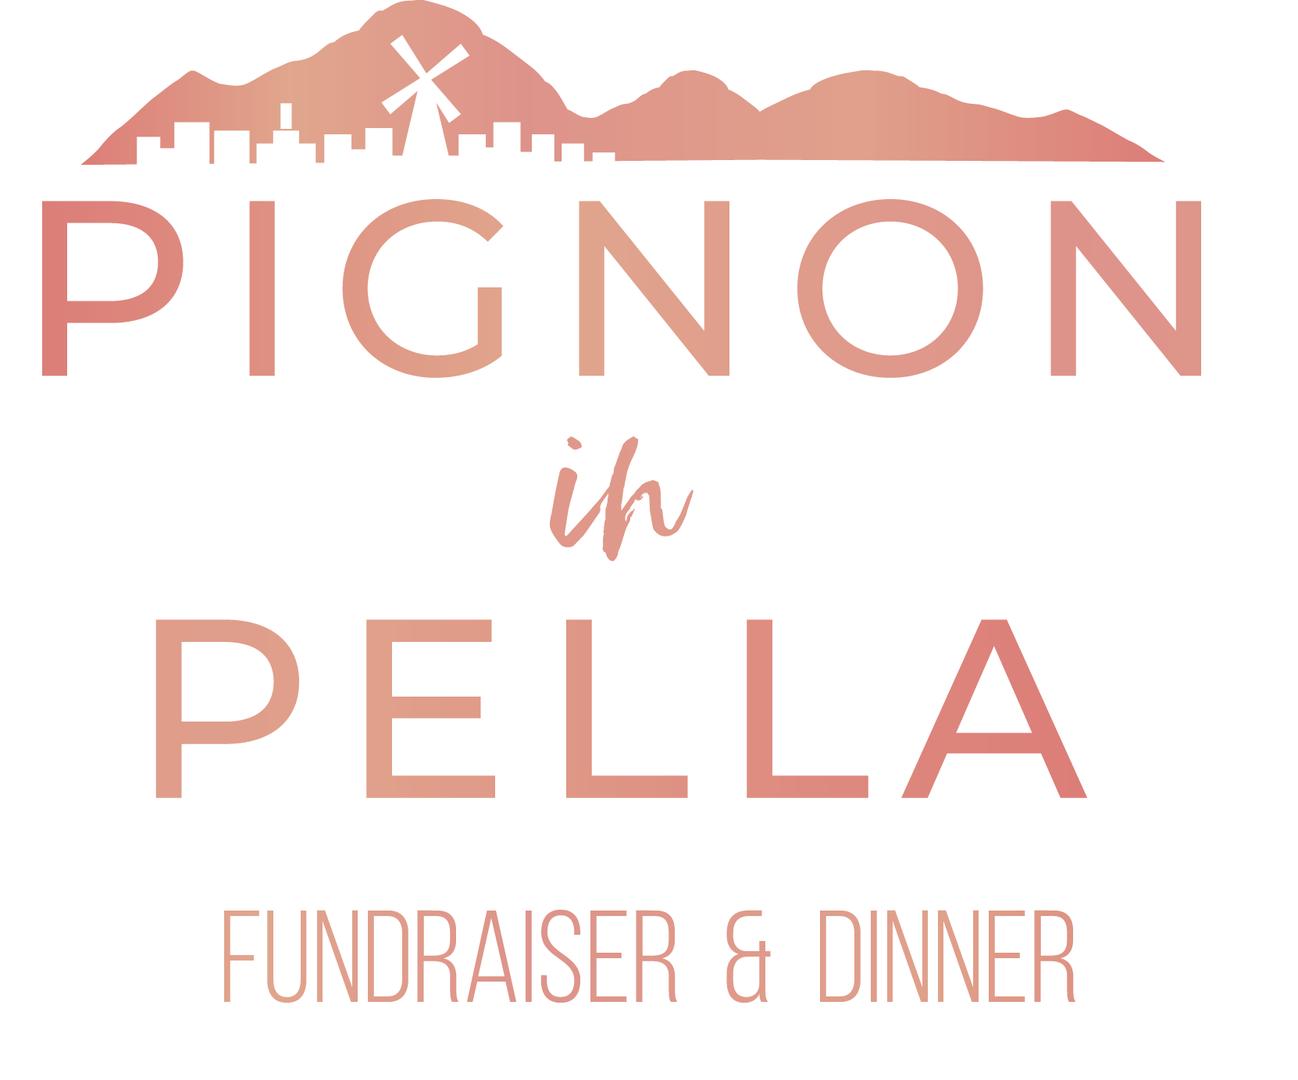 Event Logo Pignon in Pella